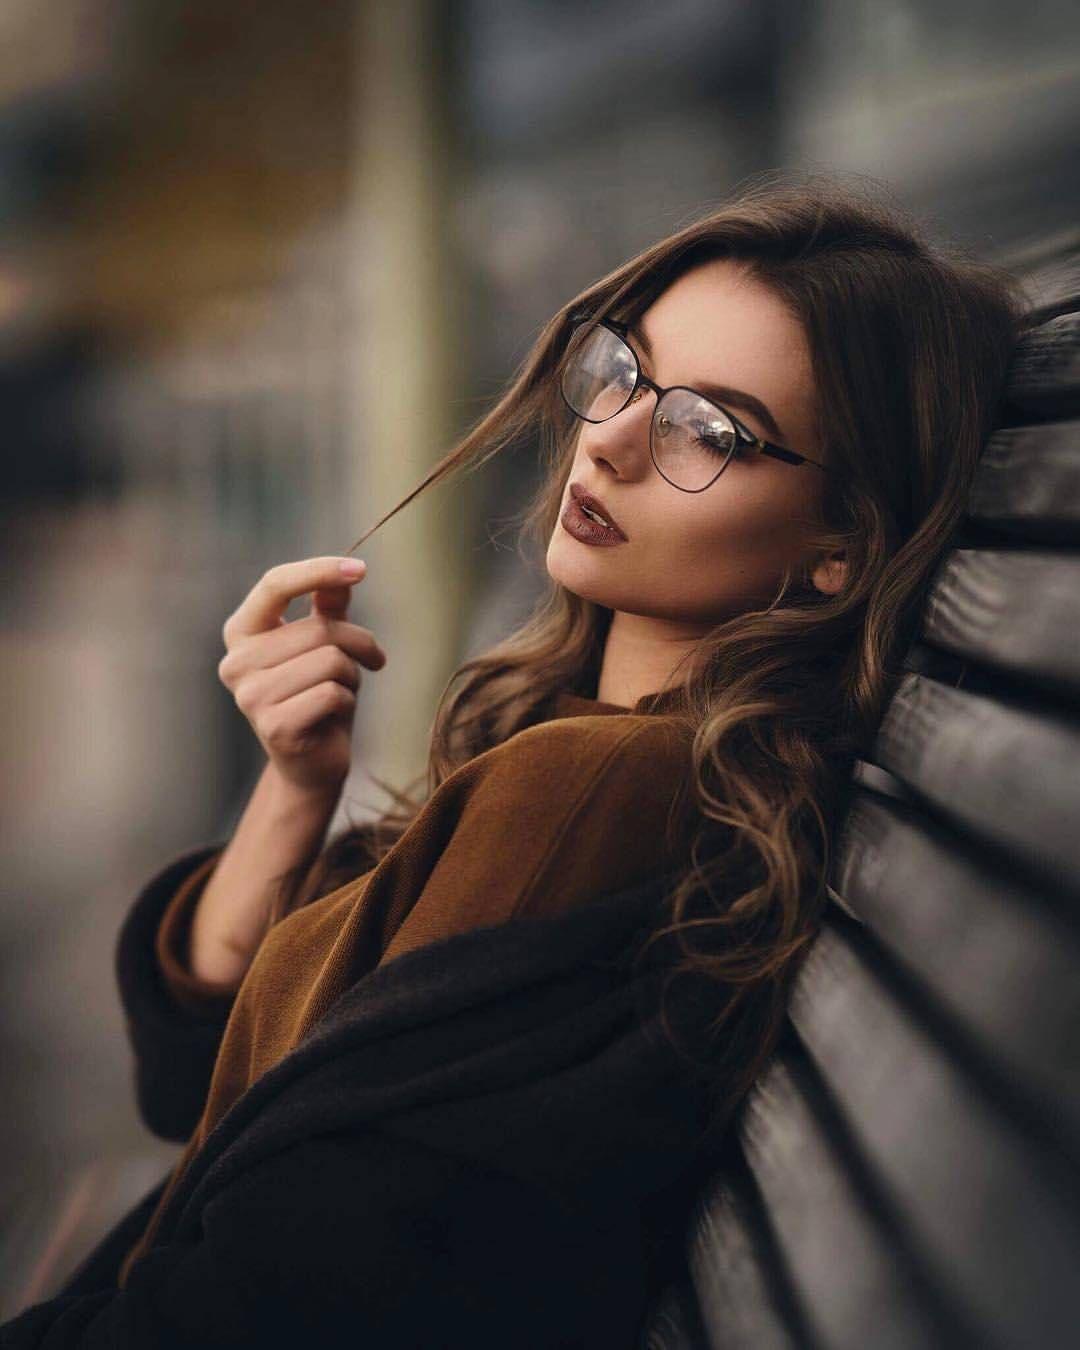 Красивые фотосессии на улице для девушек   фото (25)